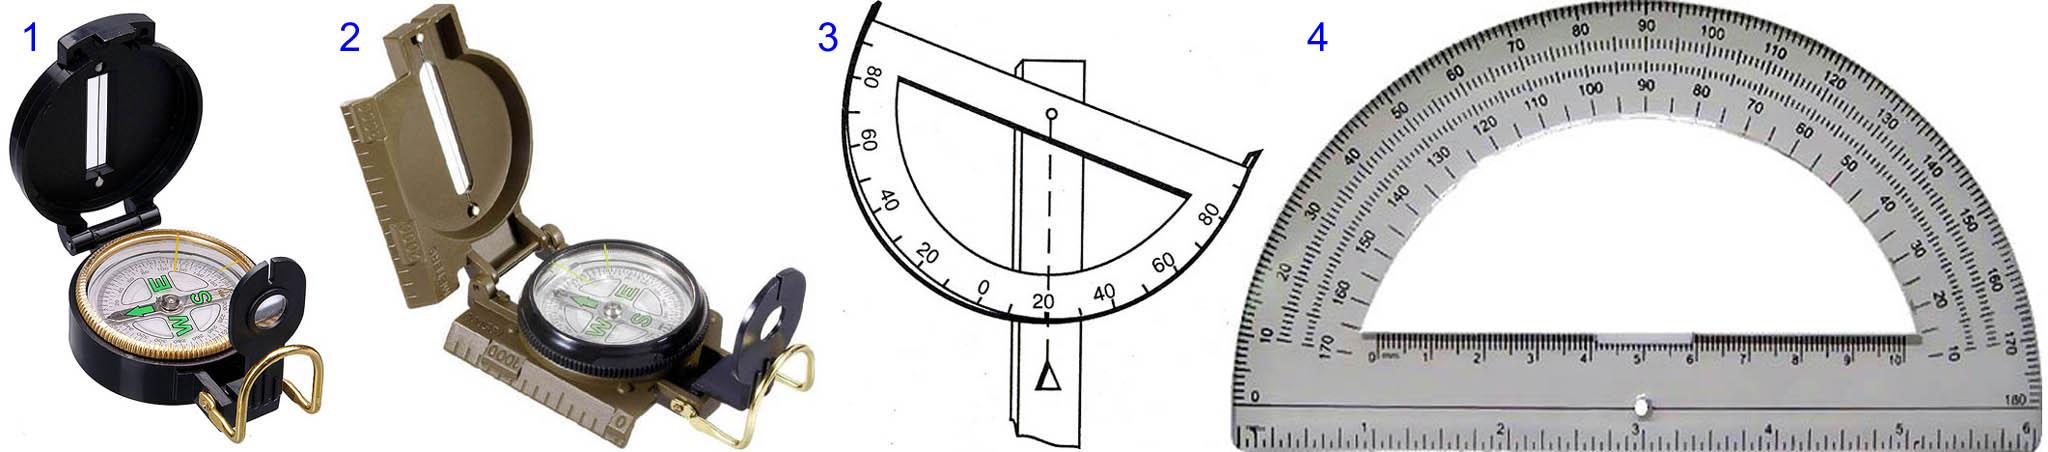 Какие нужны компас с визиром и транспортир для изготовления глазомерного нивелира